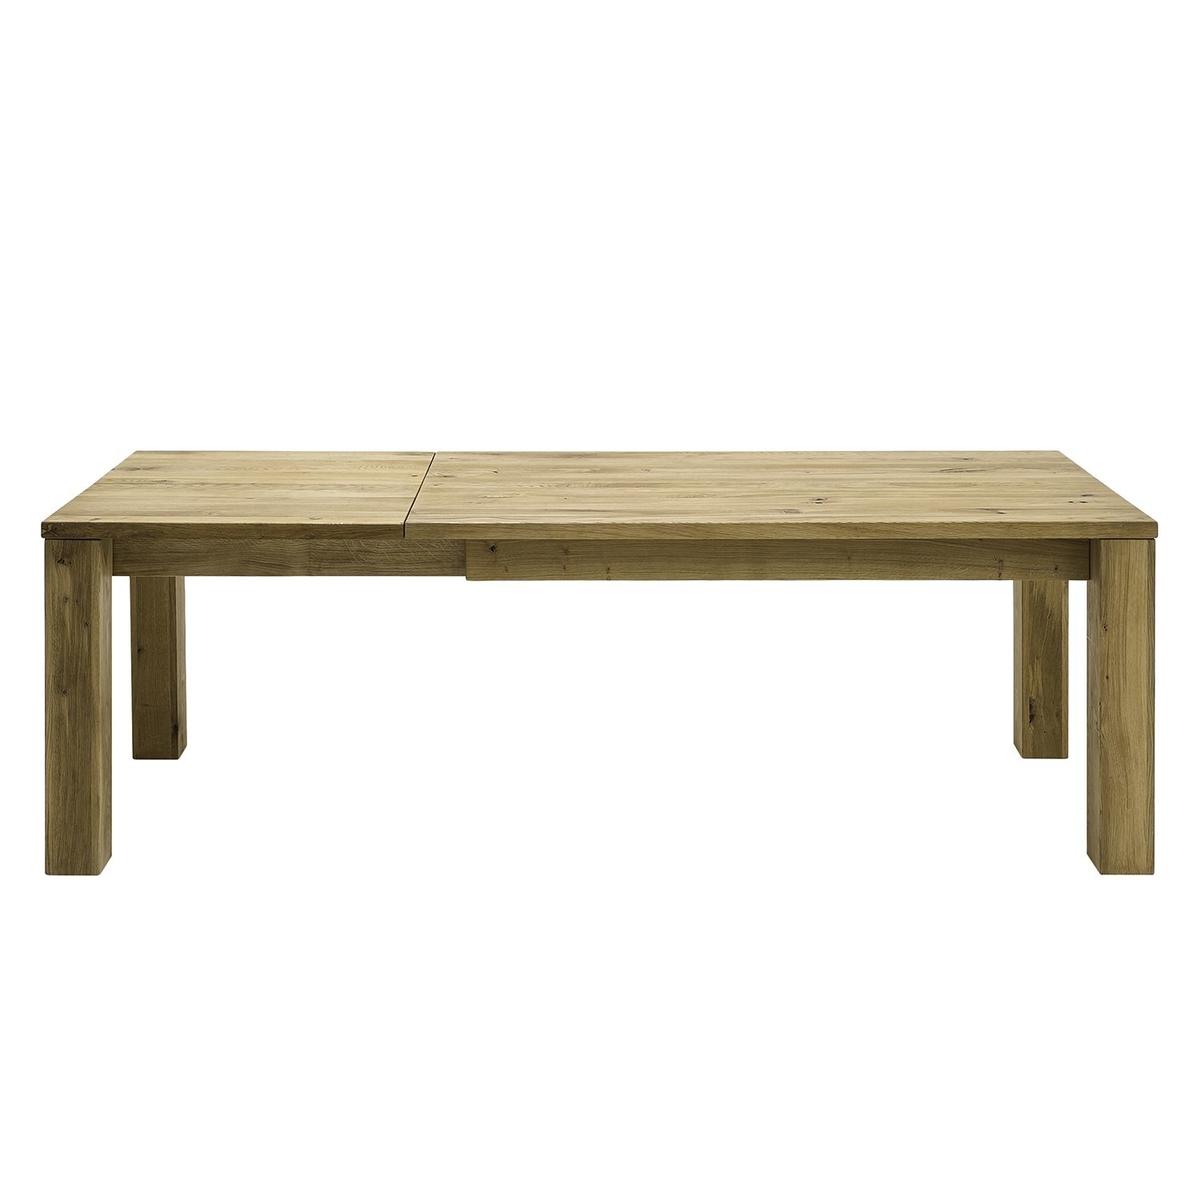 Esstisch mit Gestellauszug Lissy aus Massivholz, Bild 6